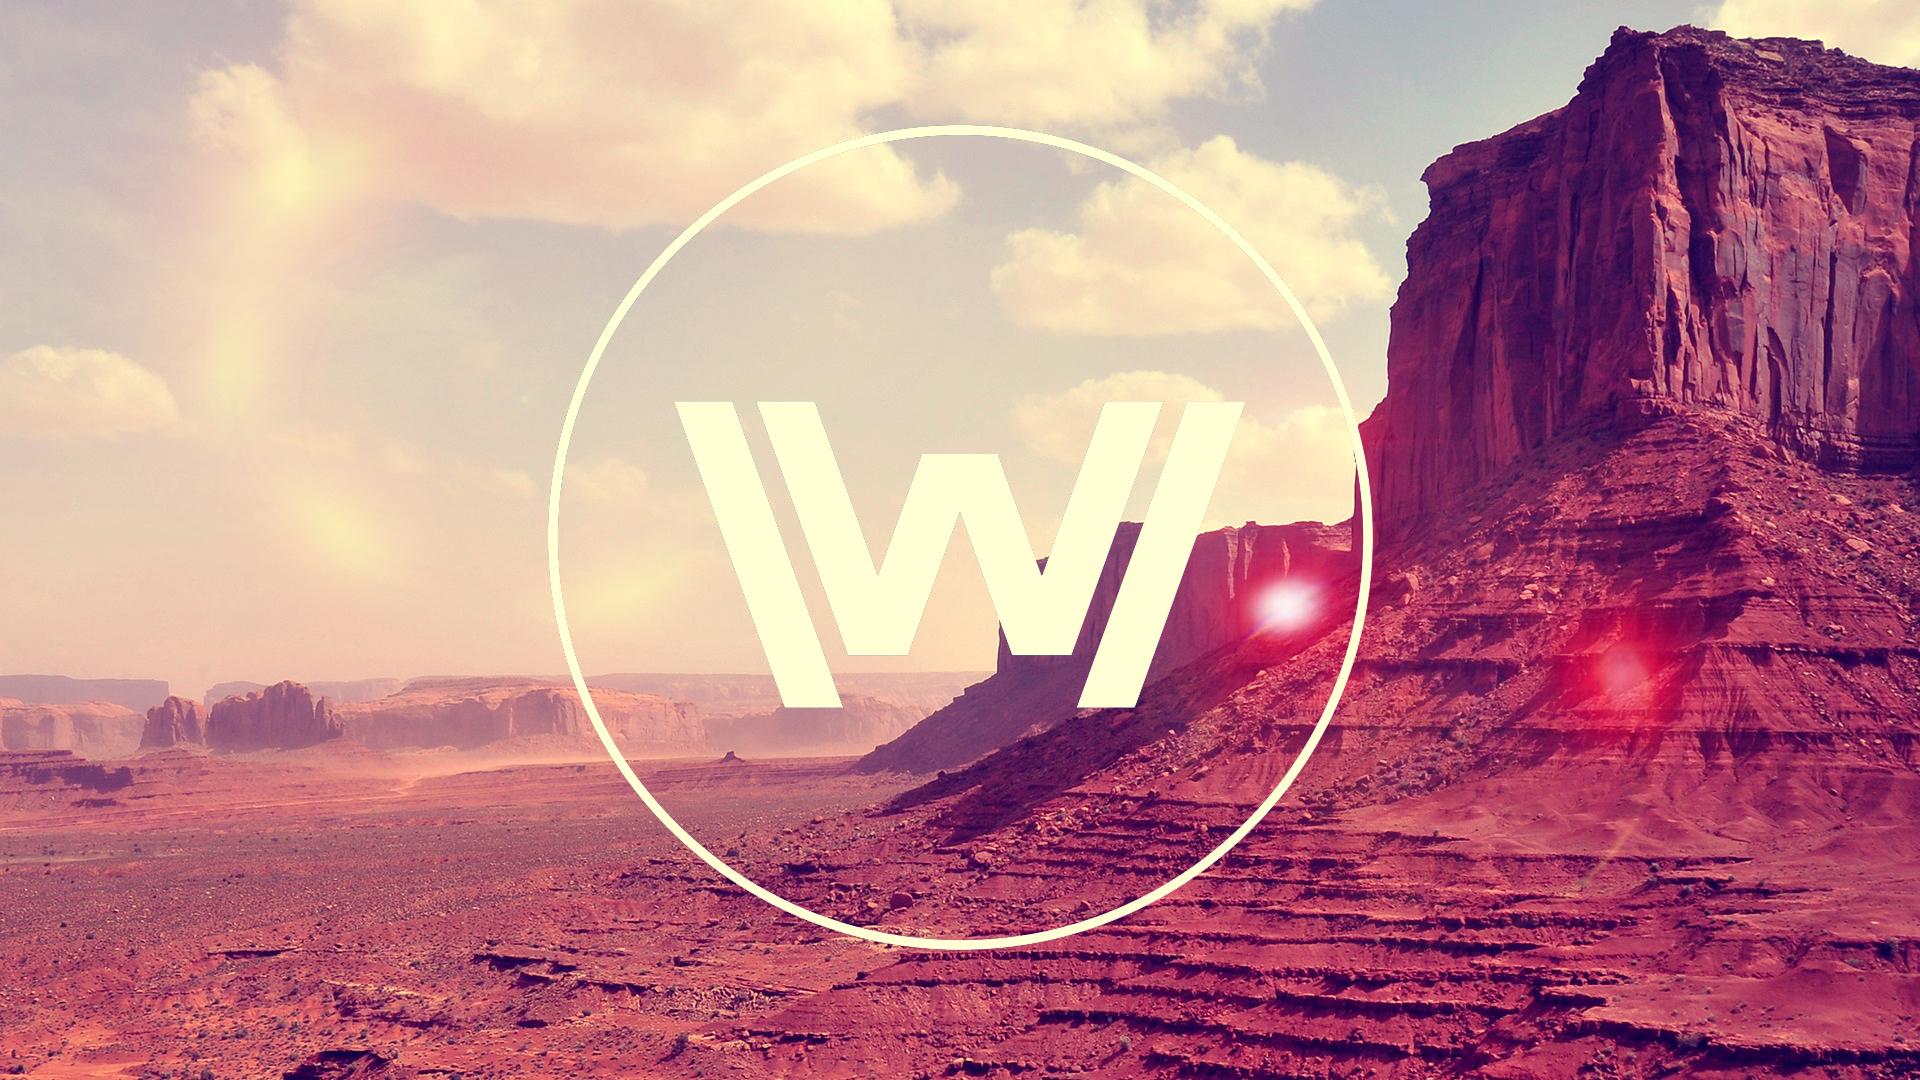 Westworld logo season 2 background 1